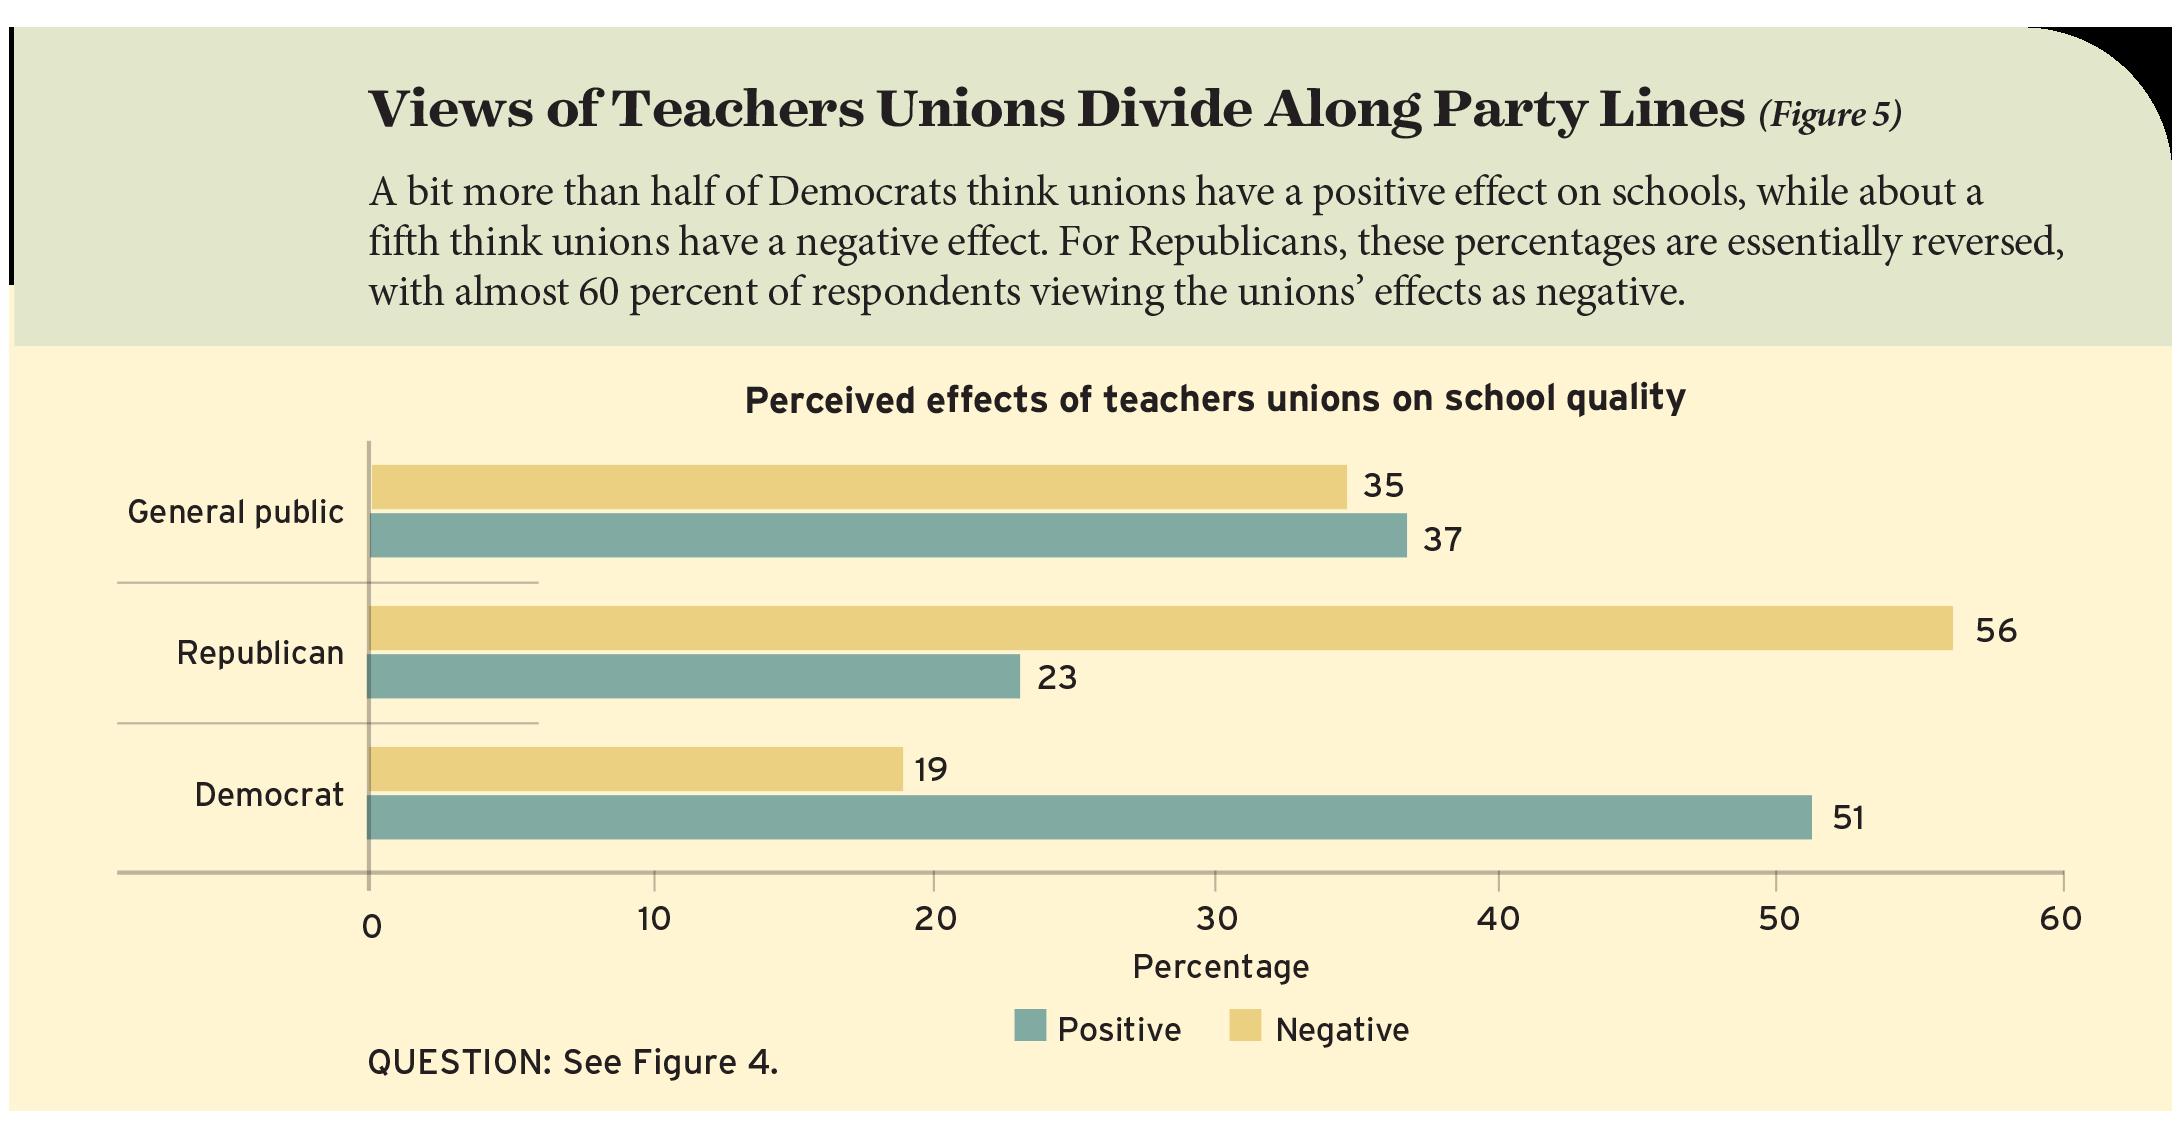 Views of Teachers Unions Divide Along Party Lines (Figure 5)